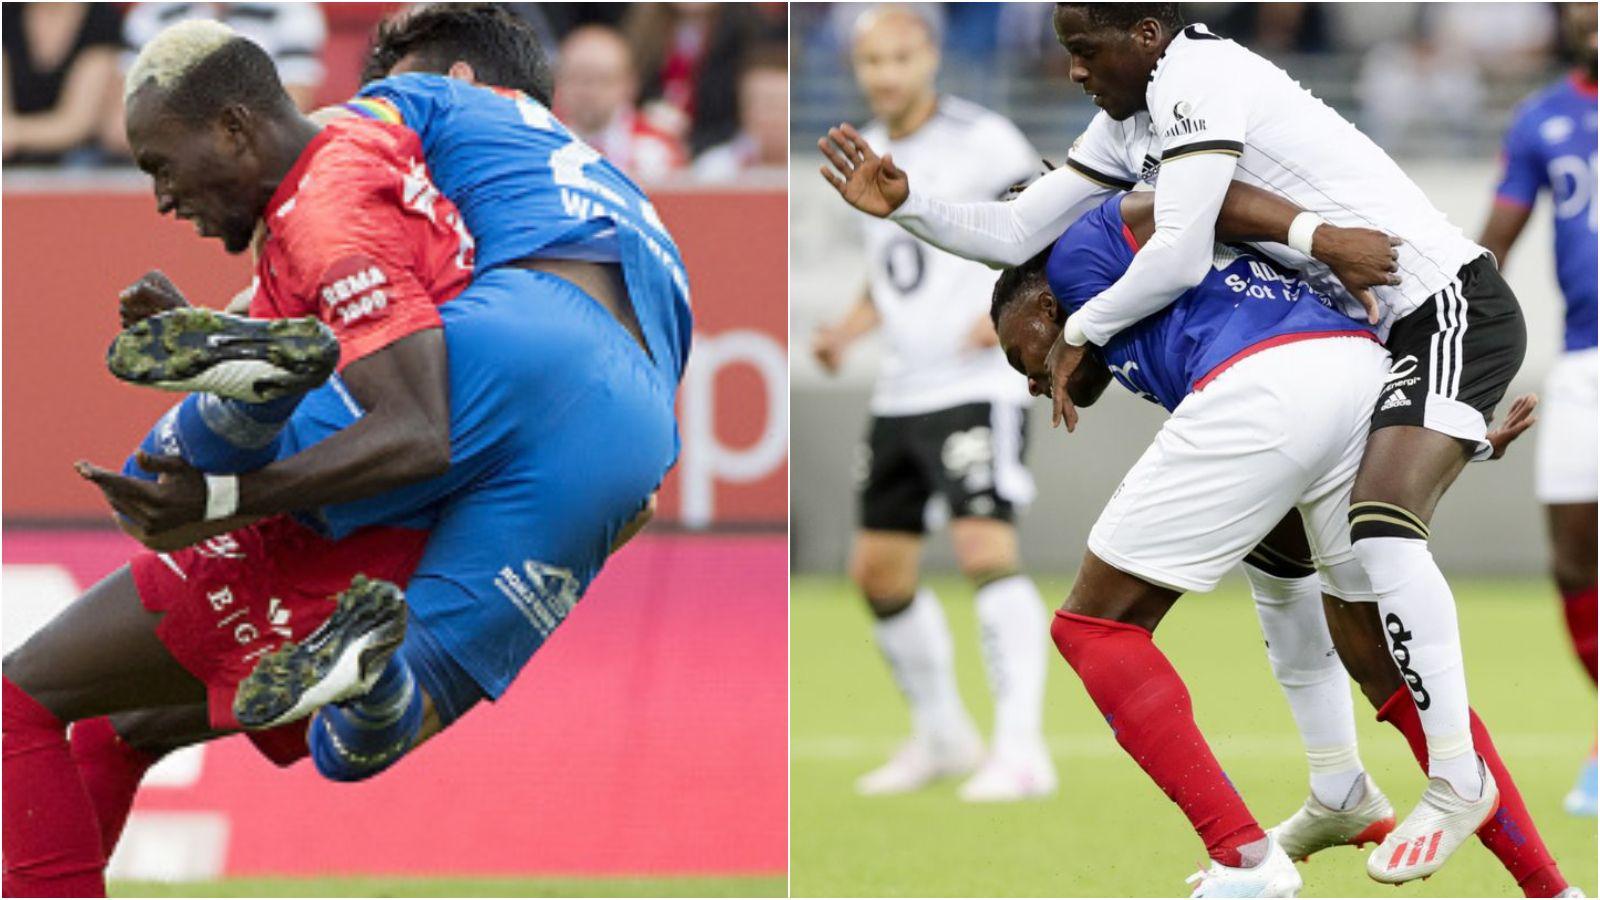 ALBUESLAG: Norges Fotballforbund setter Brann-spissen Daouda Bamba og Rosenborgs David Akintola på tribunen de neste kampene.